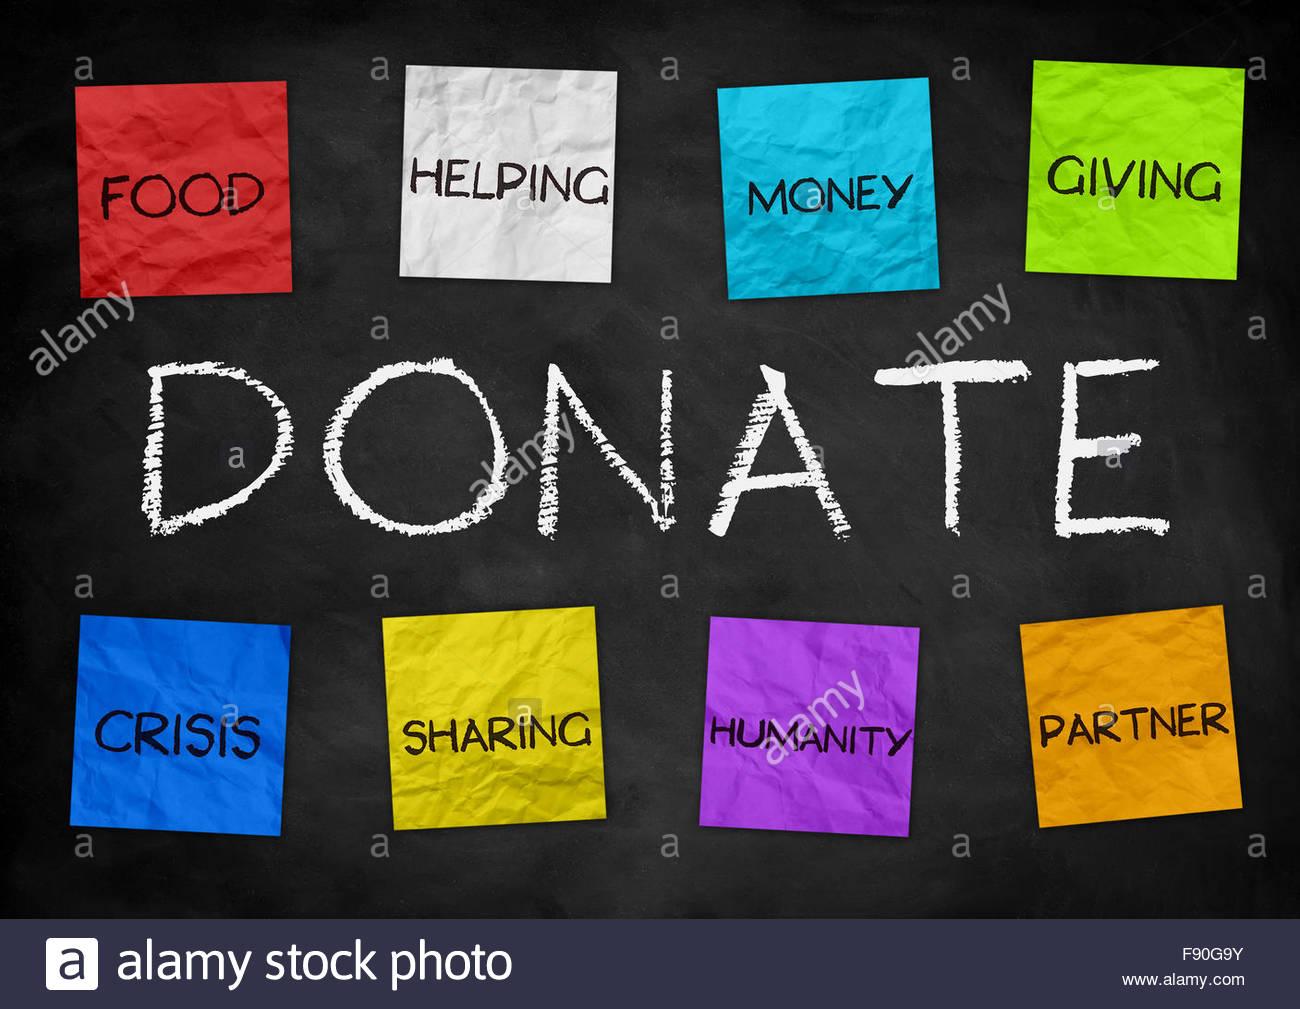 Donate - illustration background - Stock Image